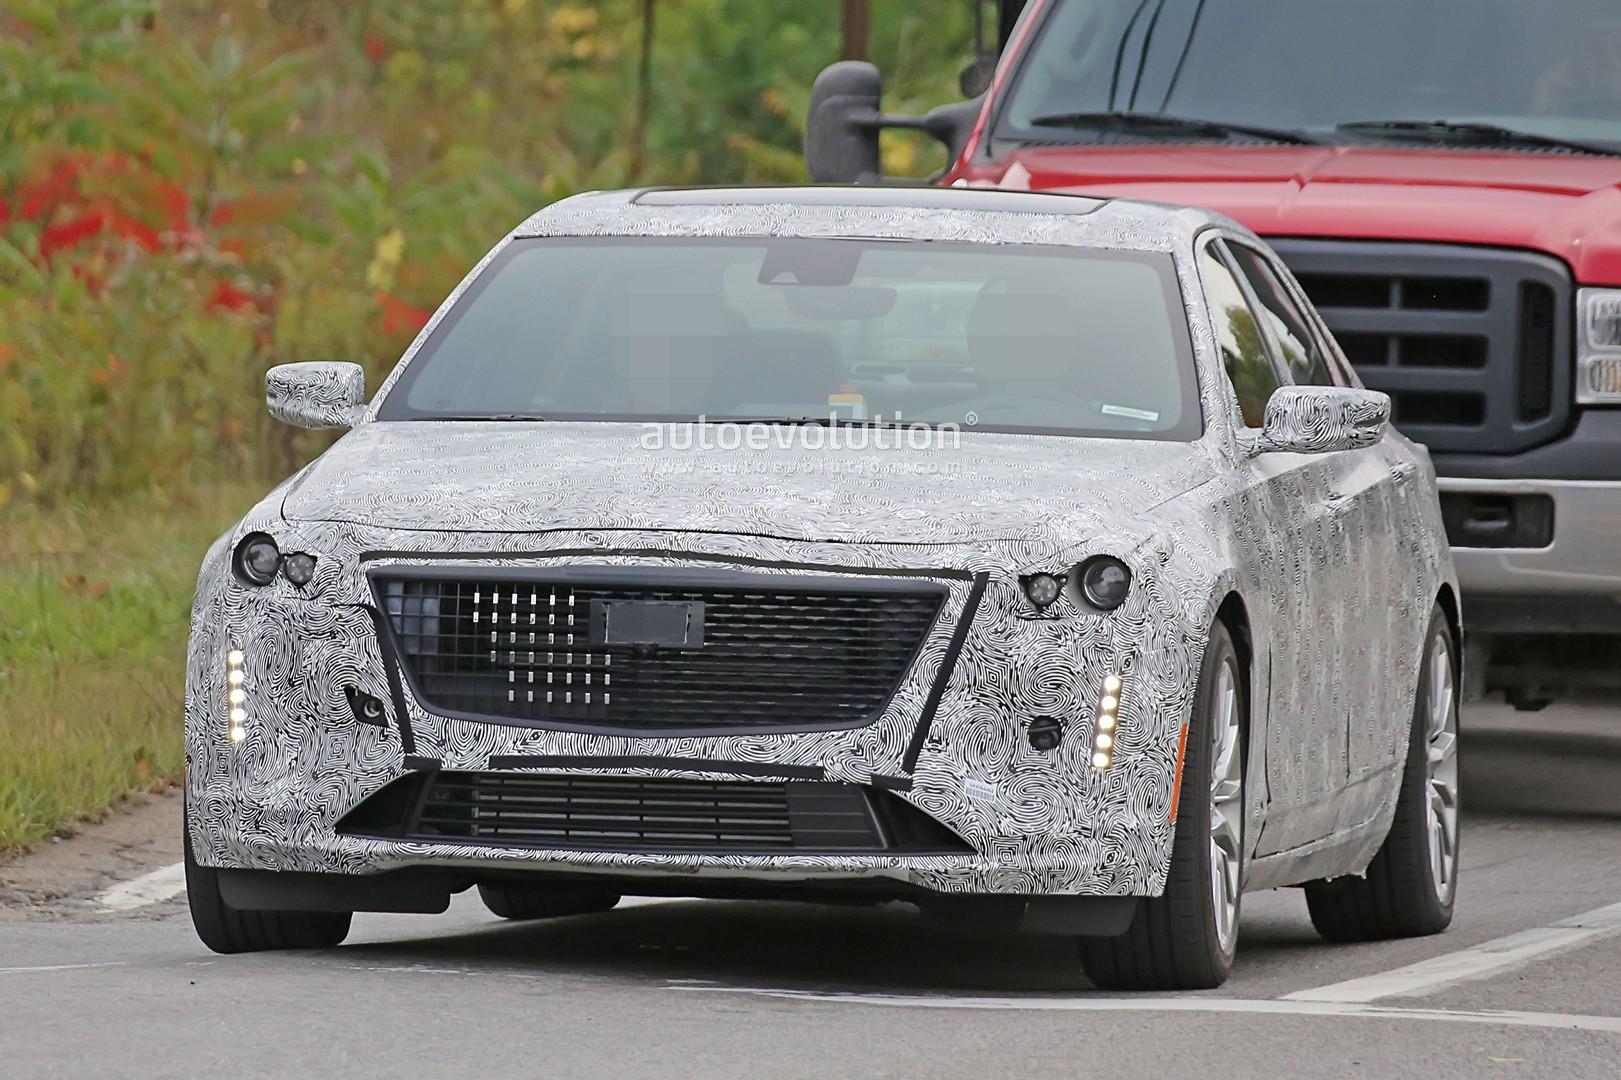 Spyshots: Camouflaged 2019 Cadillac CT6 Facelift Prototype ...